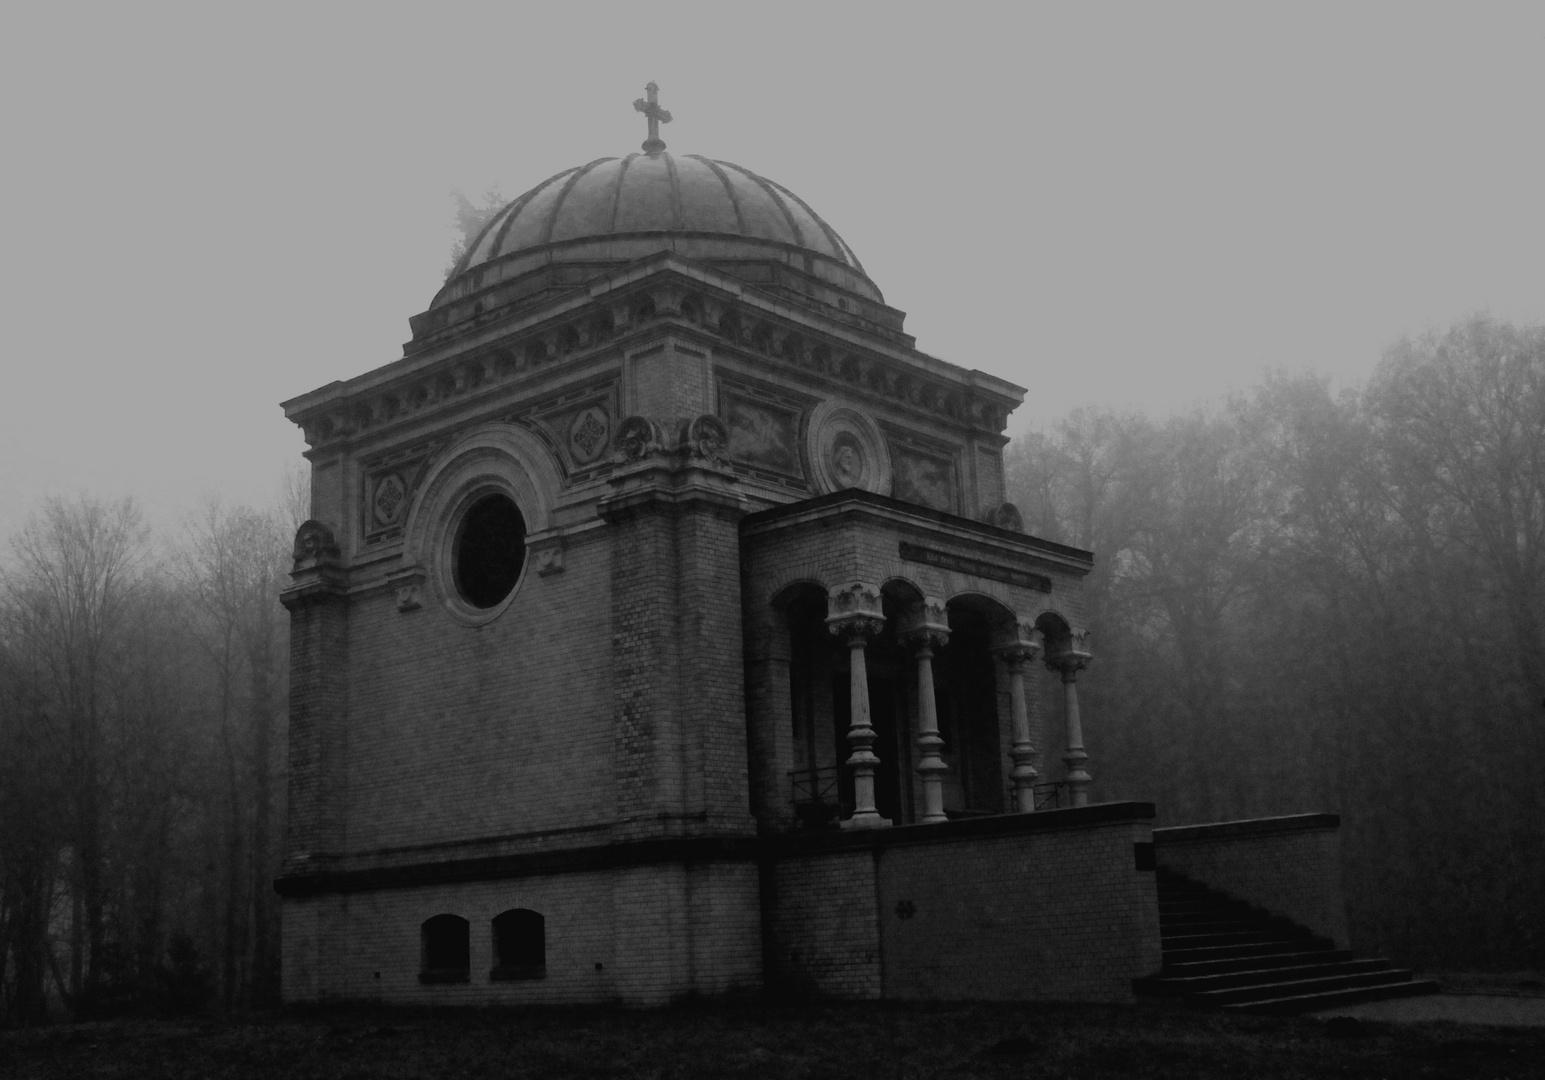 Mausoleum Erbaut 1883